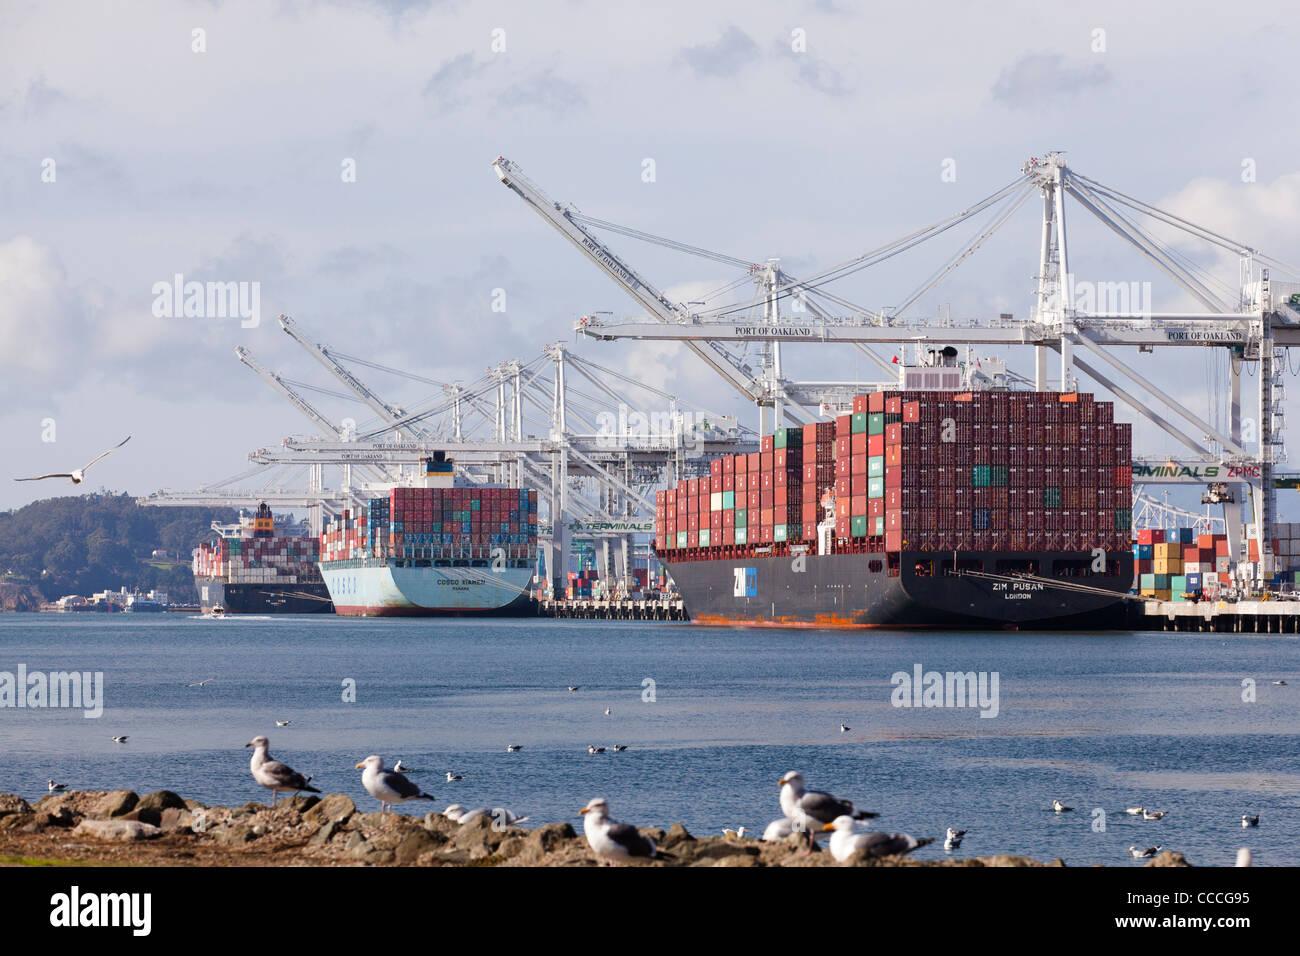 Le navi portacontainer attendere lo scarico nel porto di Oakland - California USA Immagini Stock